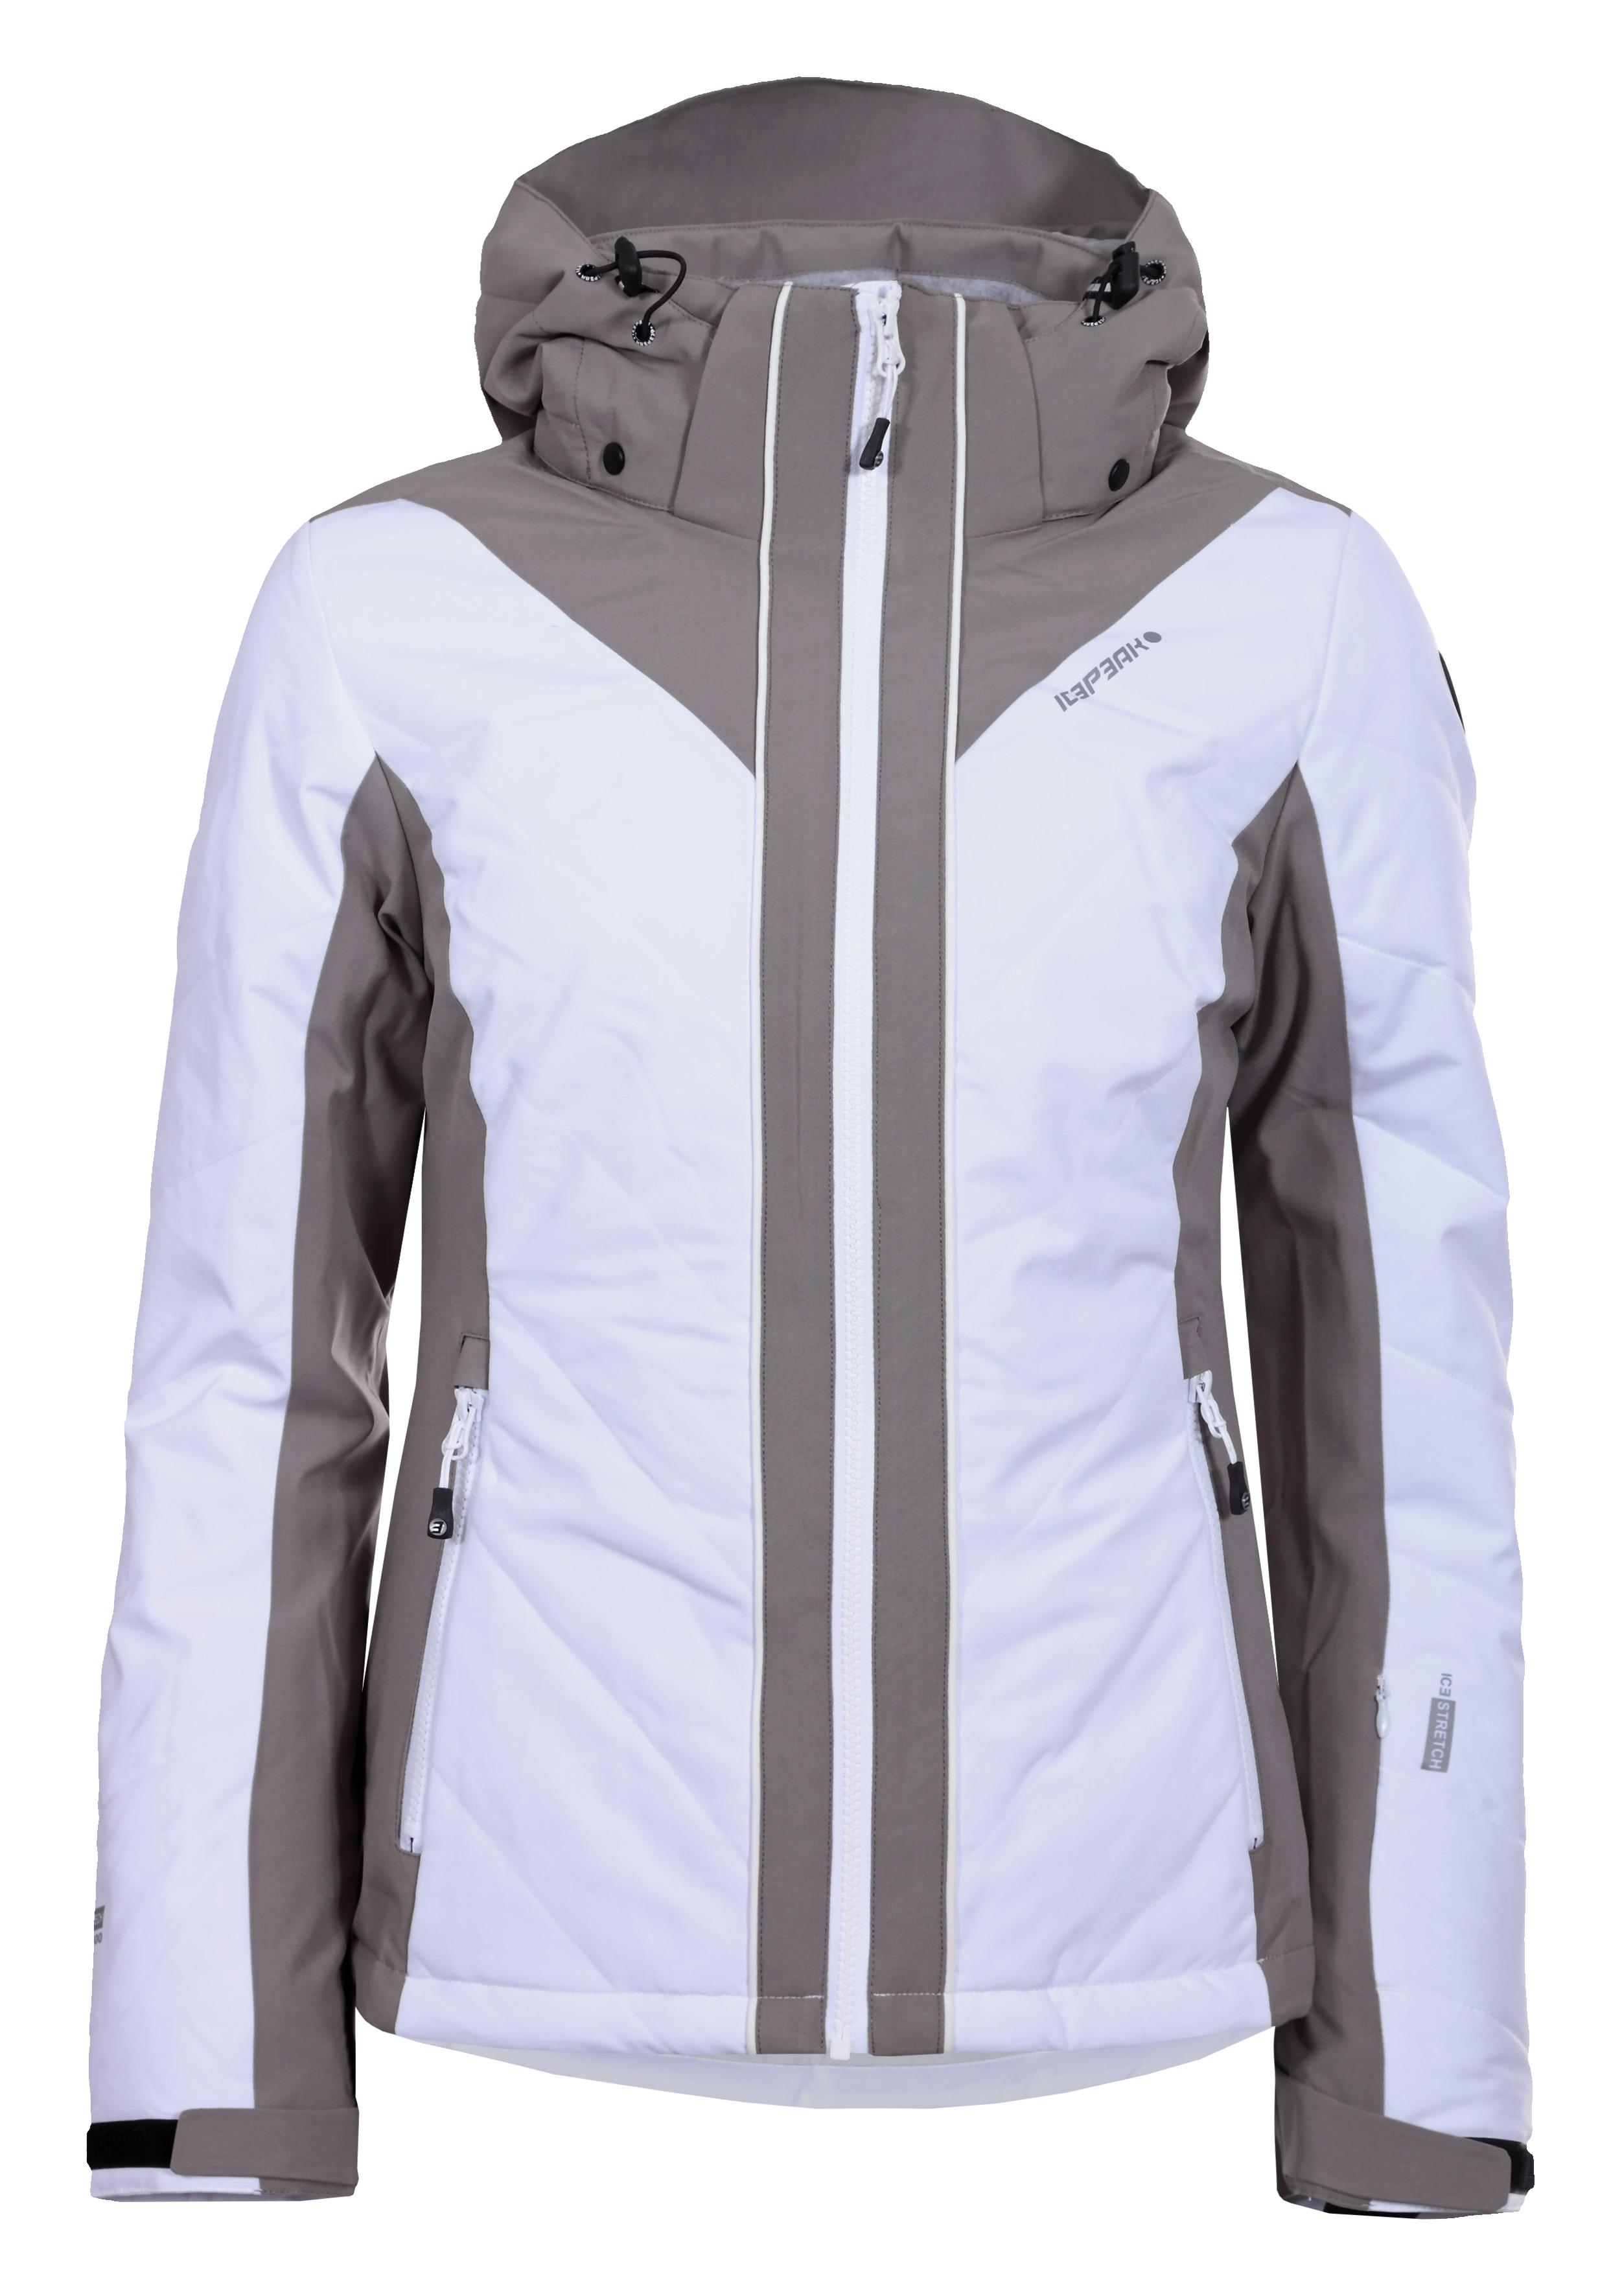 Dámská softshelová lyžařská bunda Icepeak Nanda bílá 53119-980 bdcb3532c5